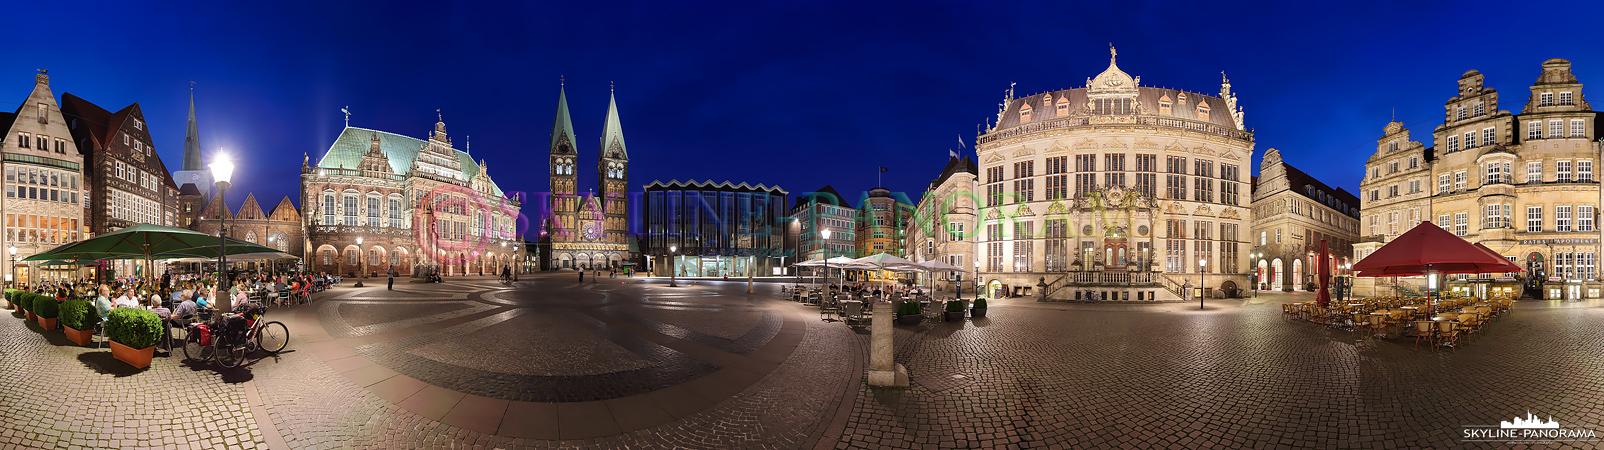 Bilder Bremen - Der historische Bremer Marktplatz als 360 Grad Panorama in der Dämmerung aufgenommen.